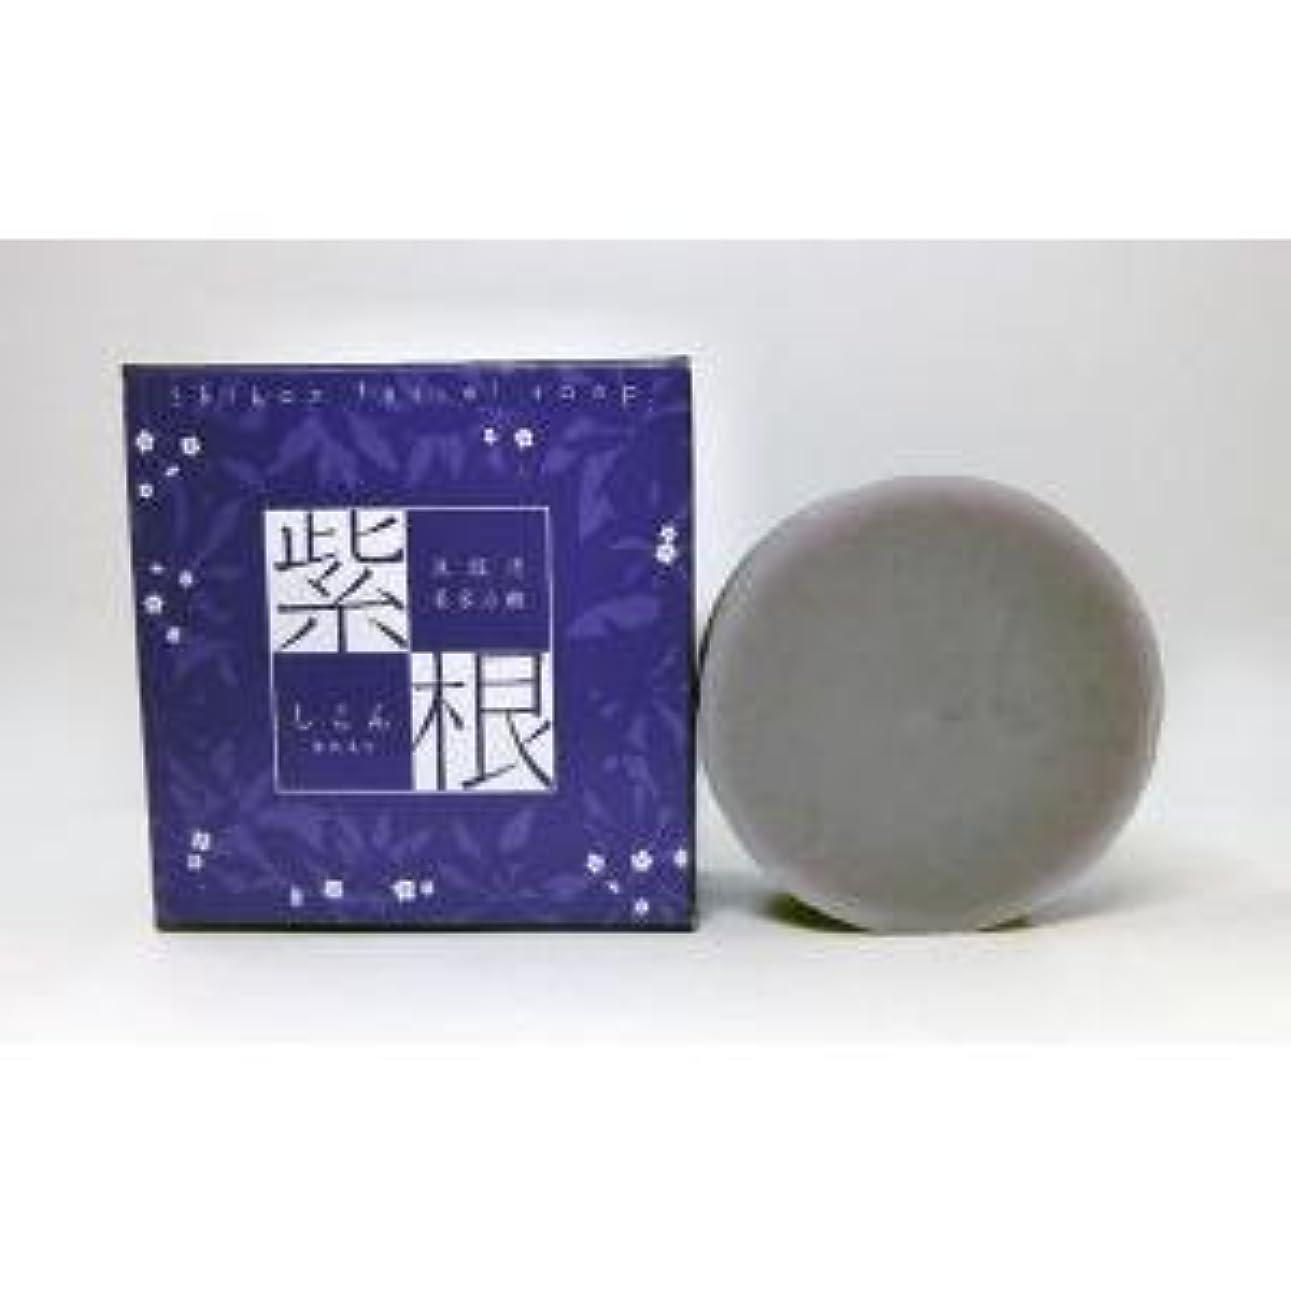 ウェーハとげ上向き紫根石鹸 100g×5個セット